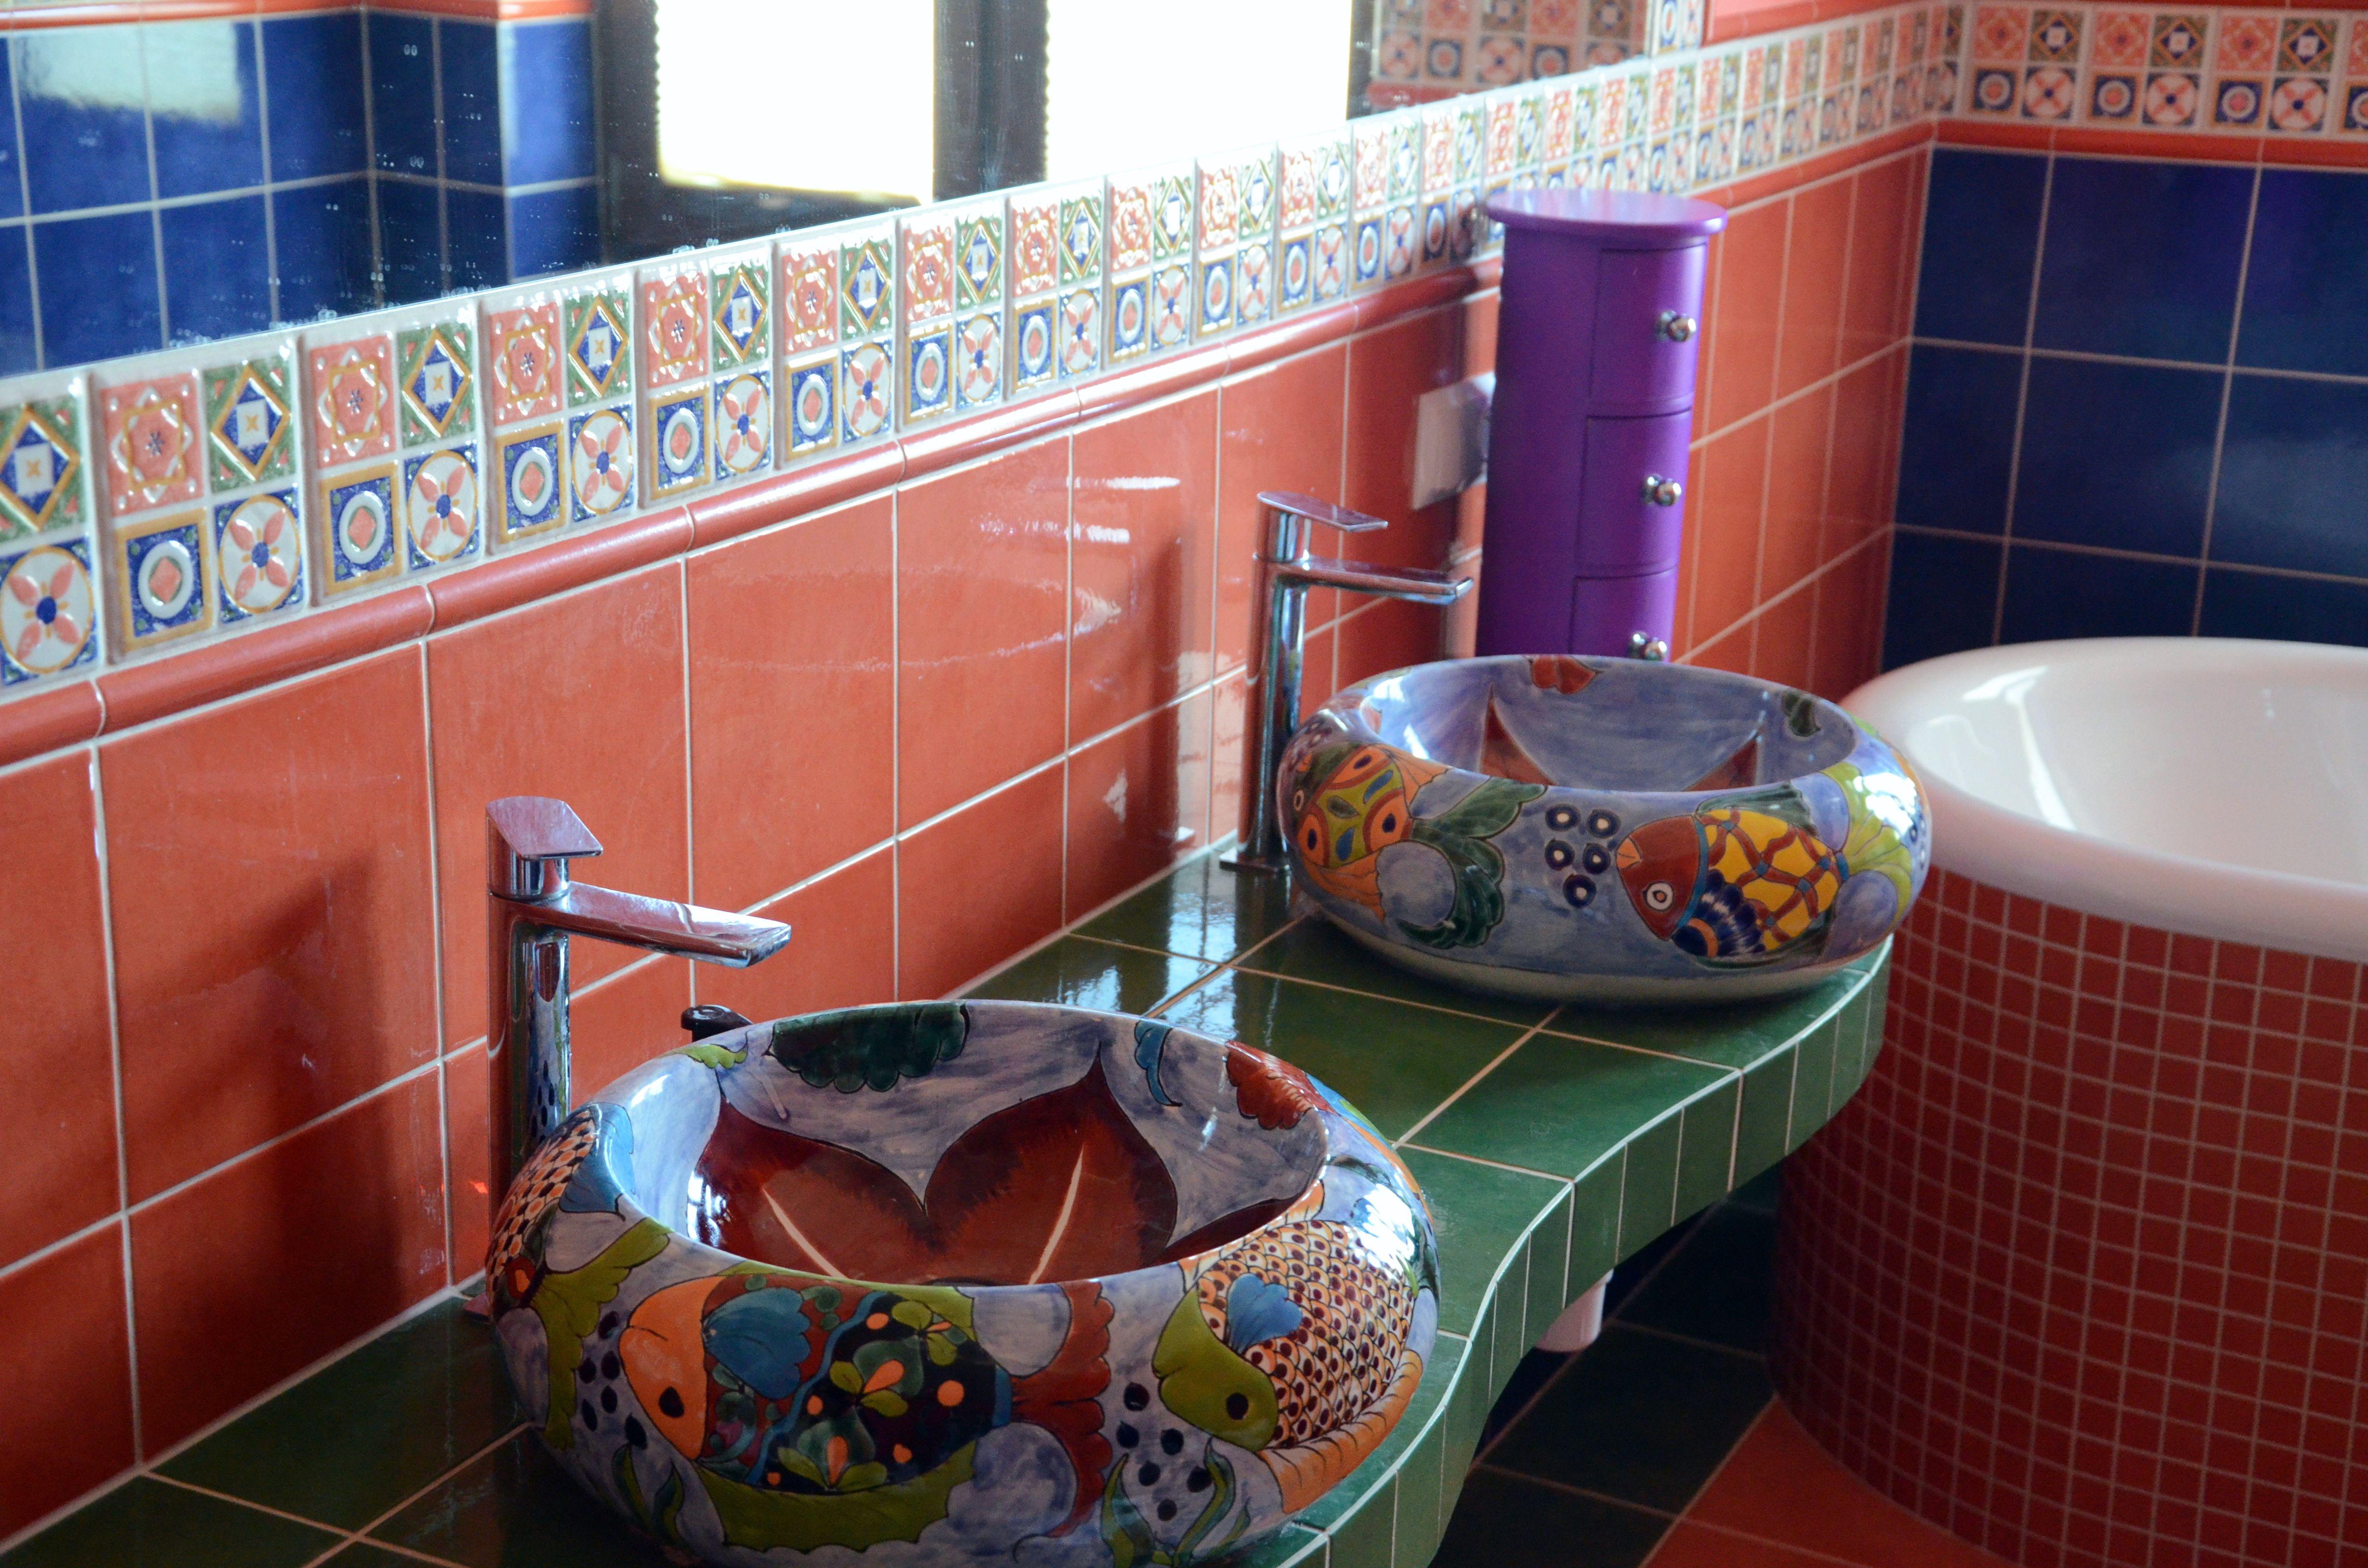 Mexikanische Waschbecken Mexikanischewaschbecken Waschbecken Badezimmer Waschtisch Aufsatzwaschbecken Badi Waschbecken Aufsatzwaschbecken Mexikanisch